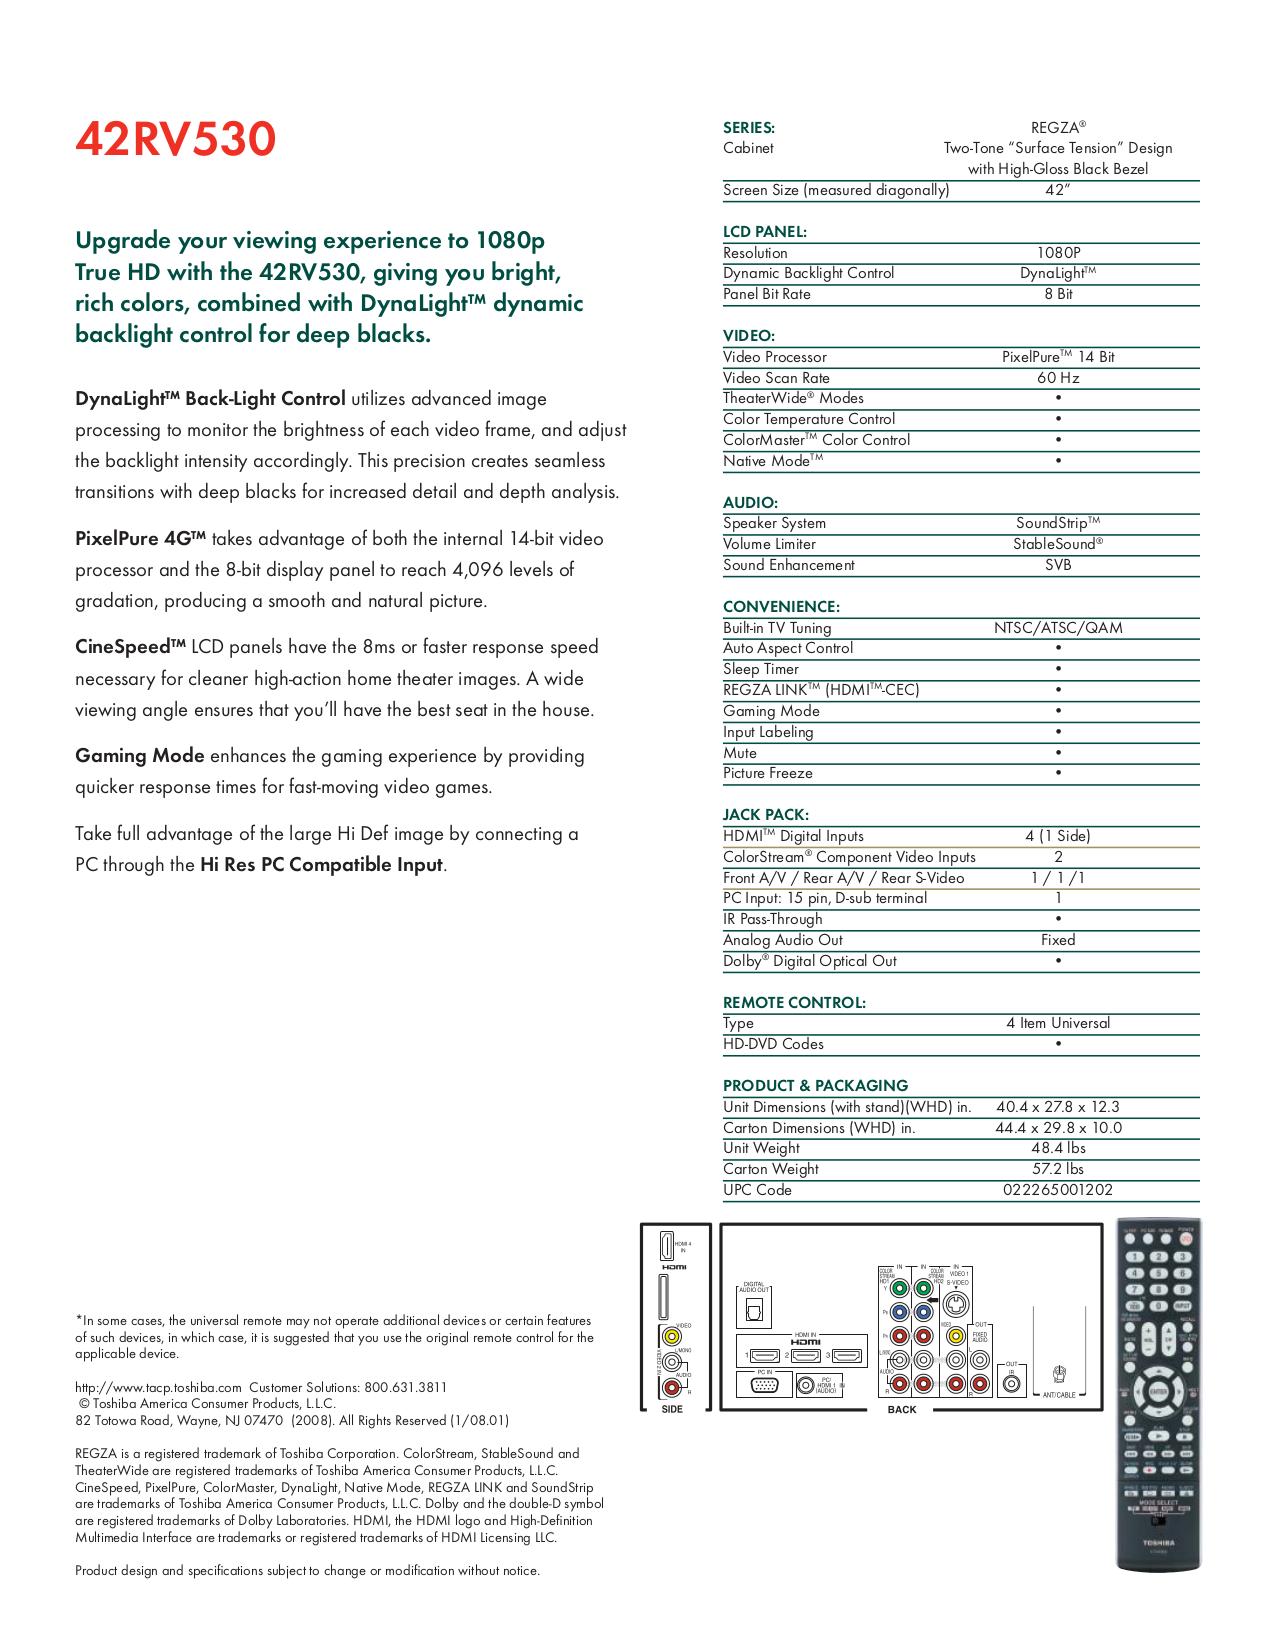 42rv530u Manual Pdf